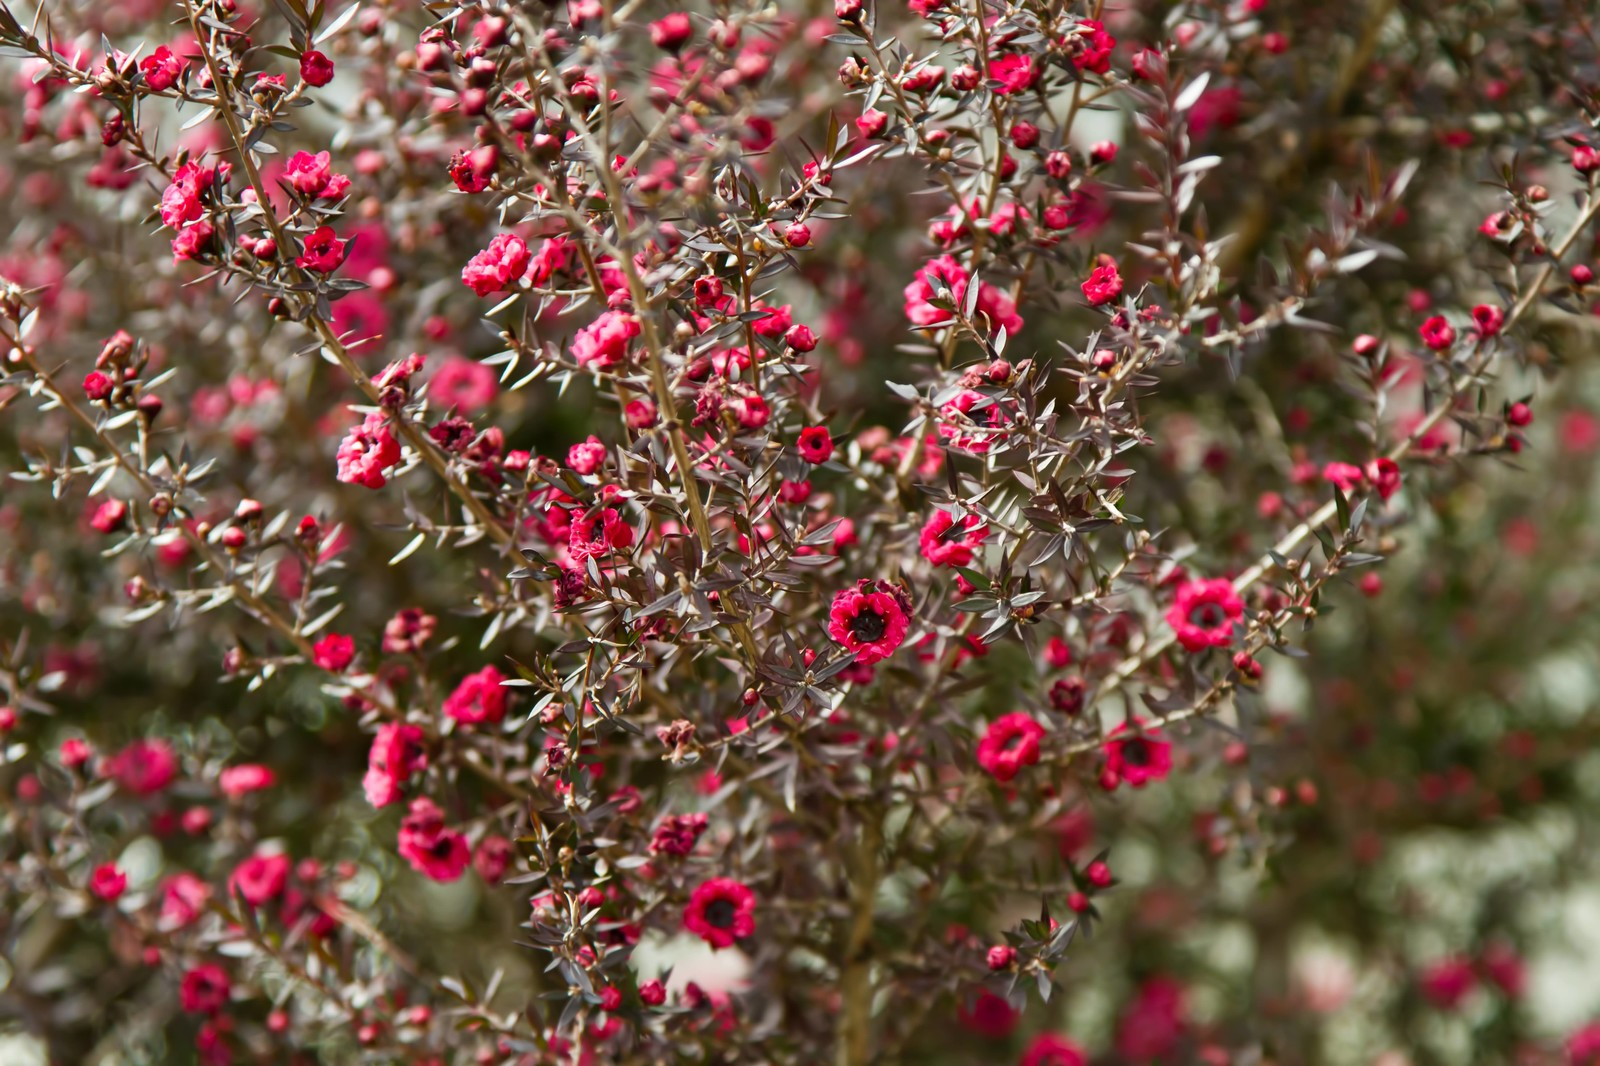 「小さく咲く赤い花」の写真